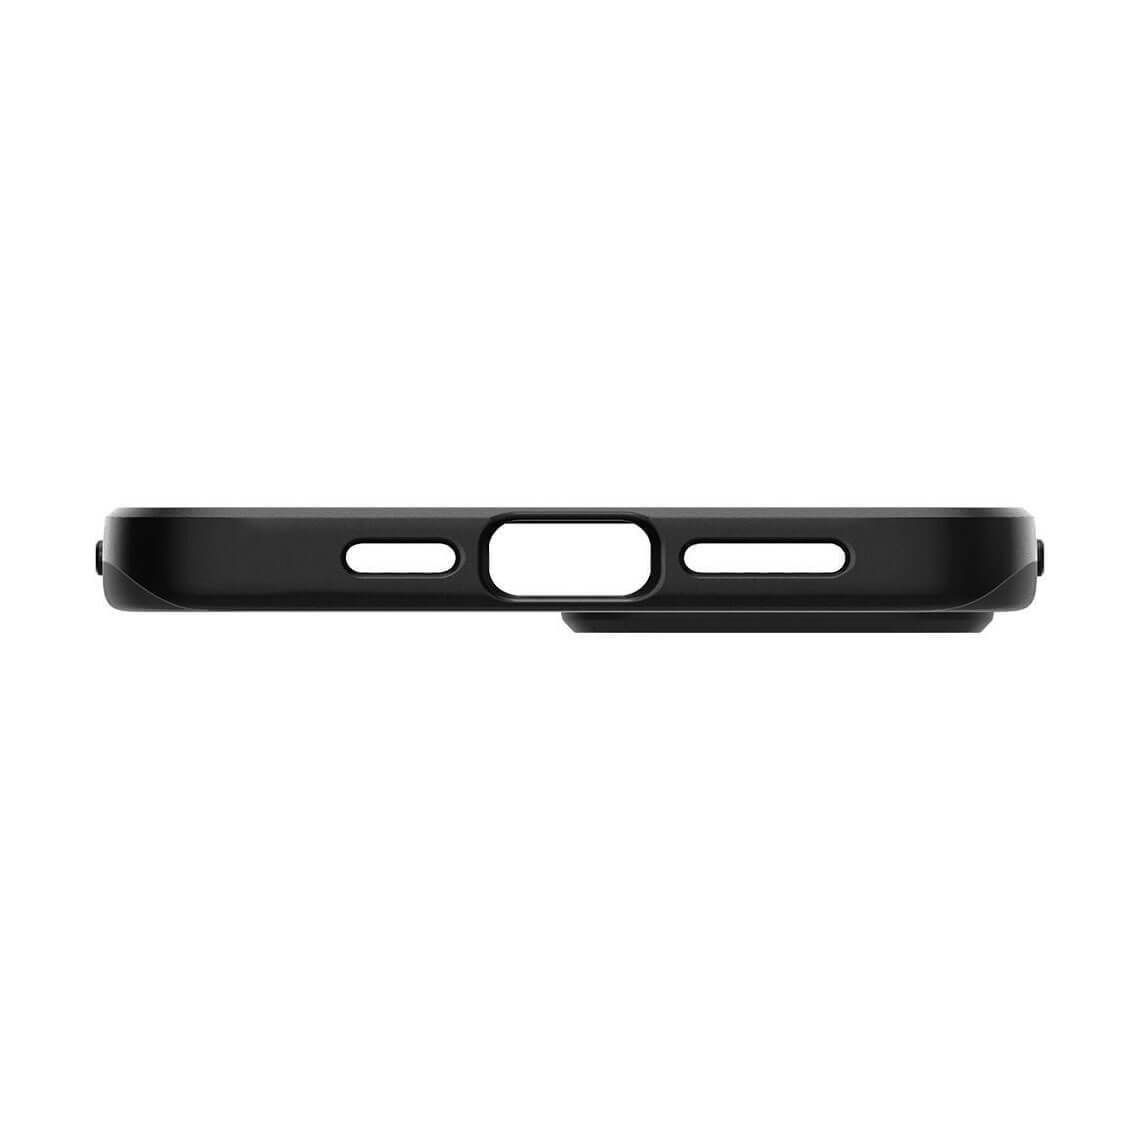 کاور اسپیگن Thin Fit Pro آیفون 12 Pro Max